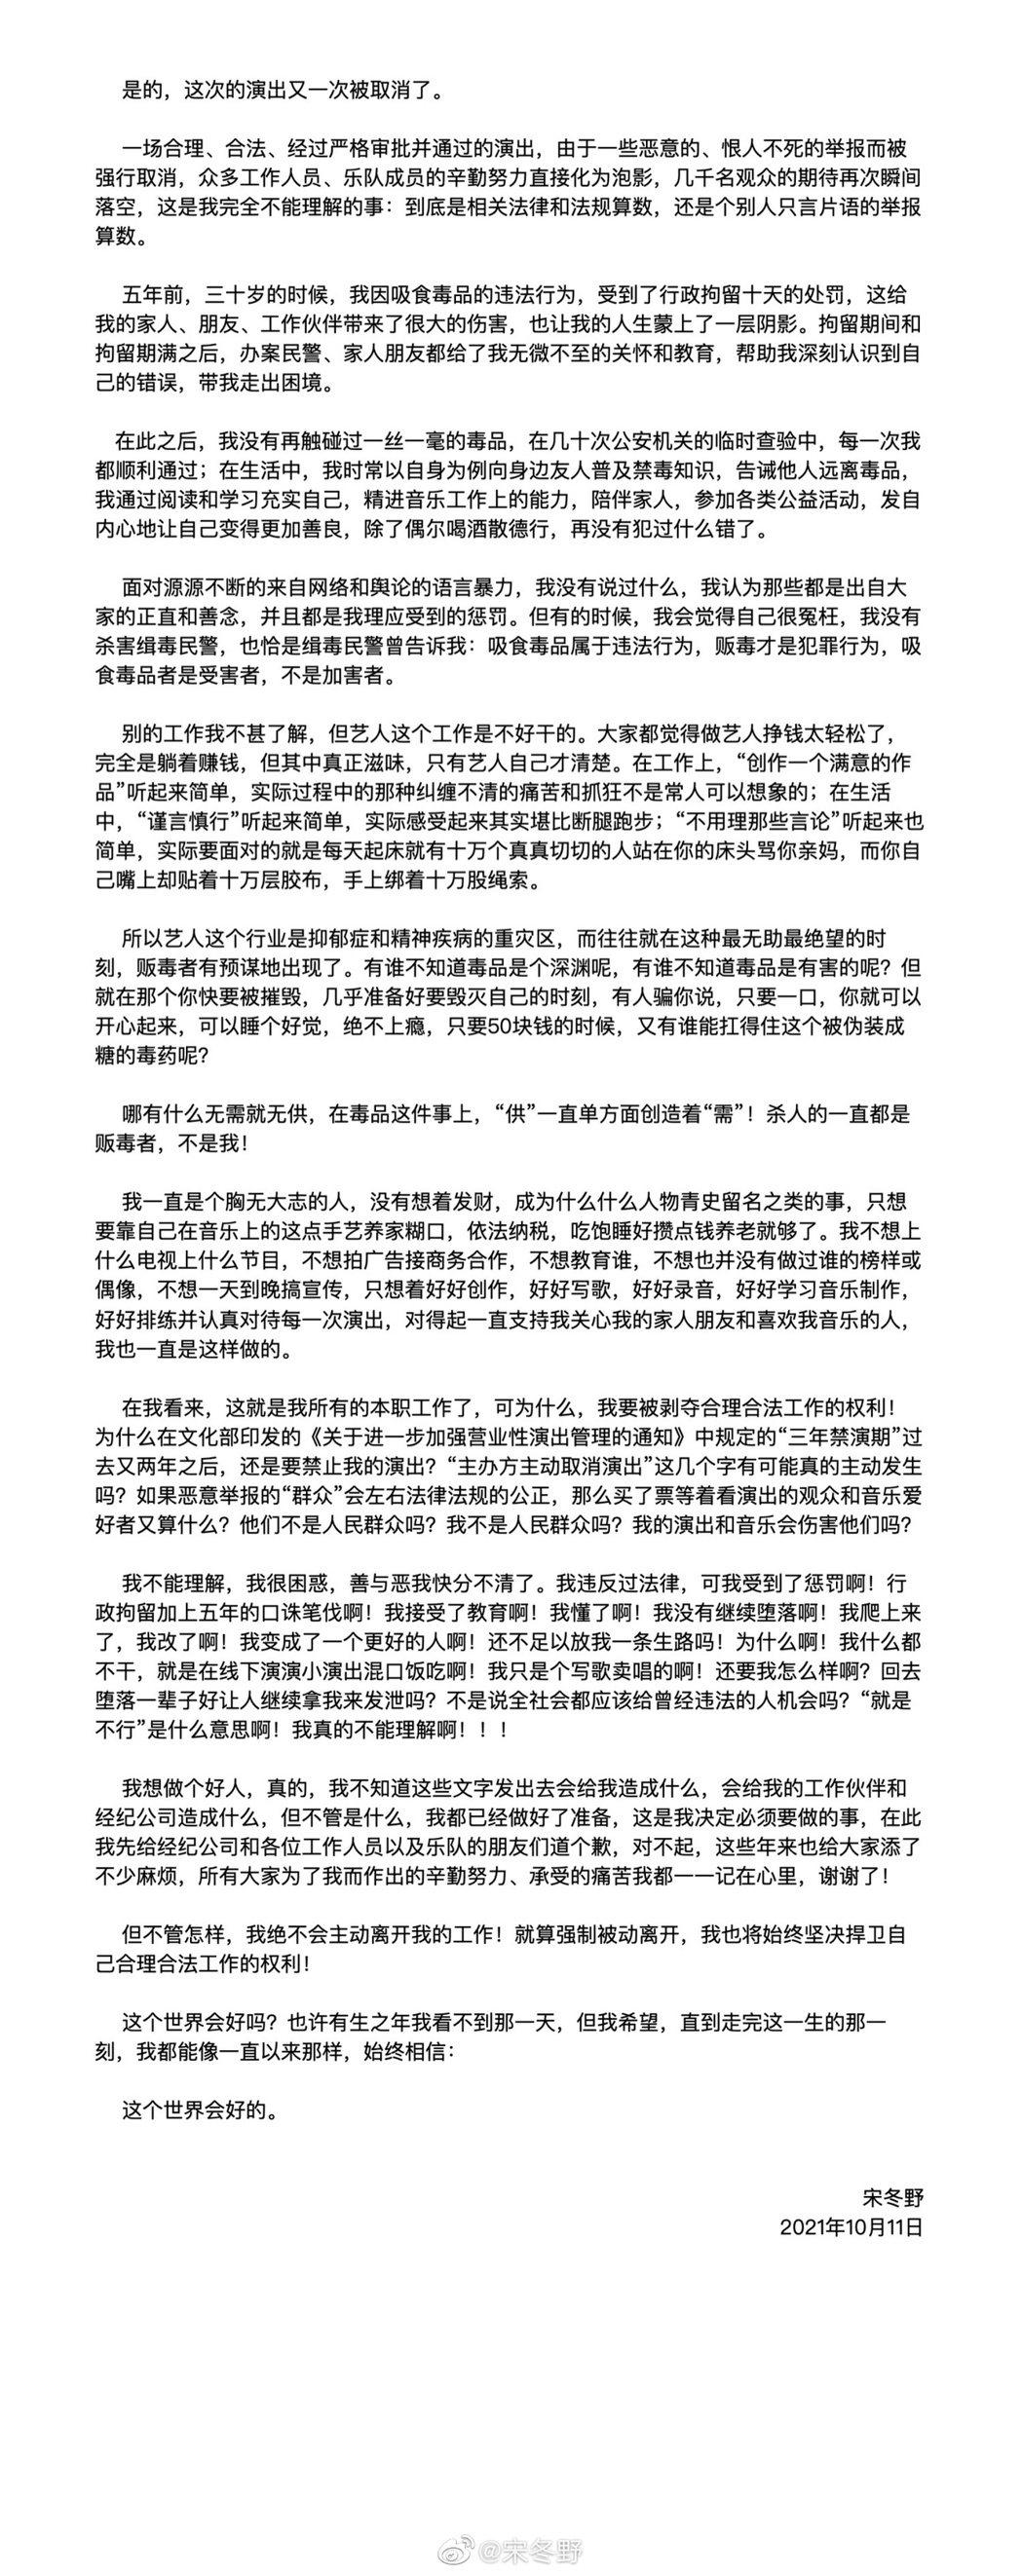 宋冬野發文表示自己想復出卻遇到層層阻礙,替自己喊冤。圖/擷自微博